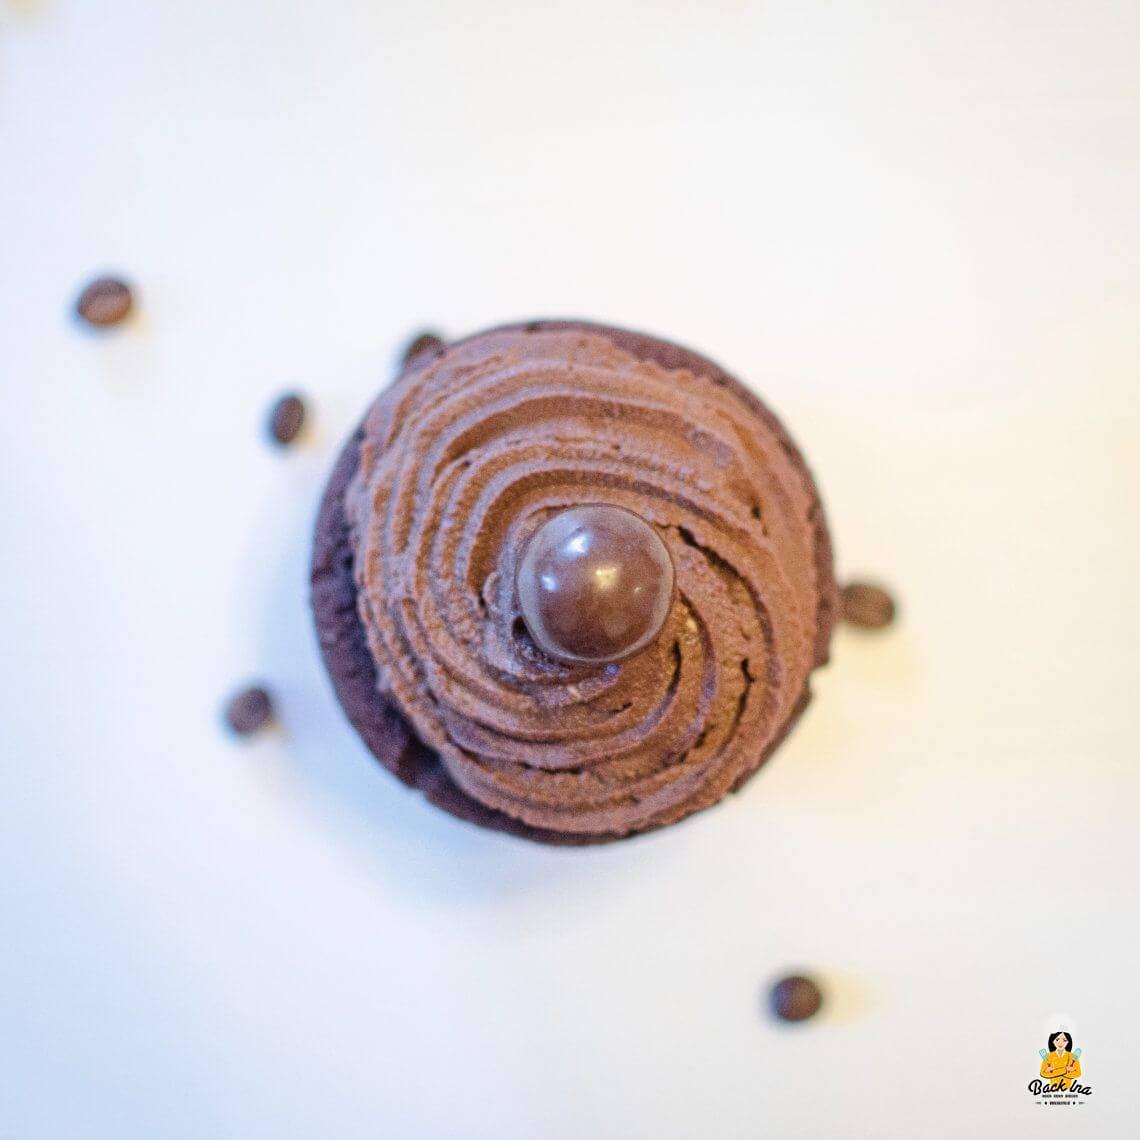 Heißer Abschied (Schoko Chili Cupcakes)